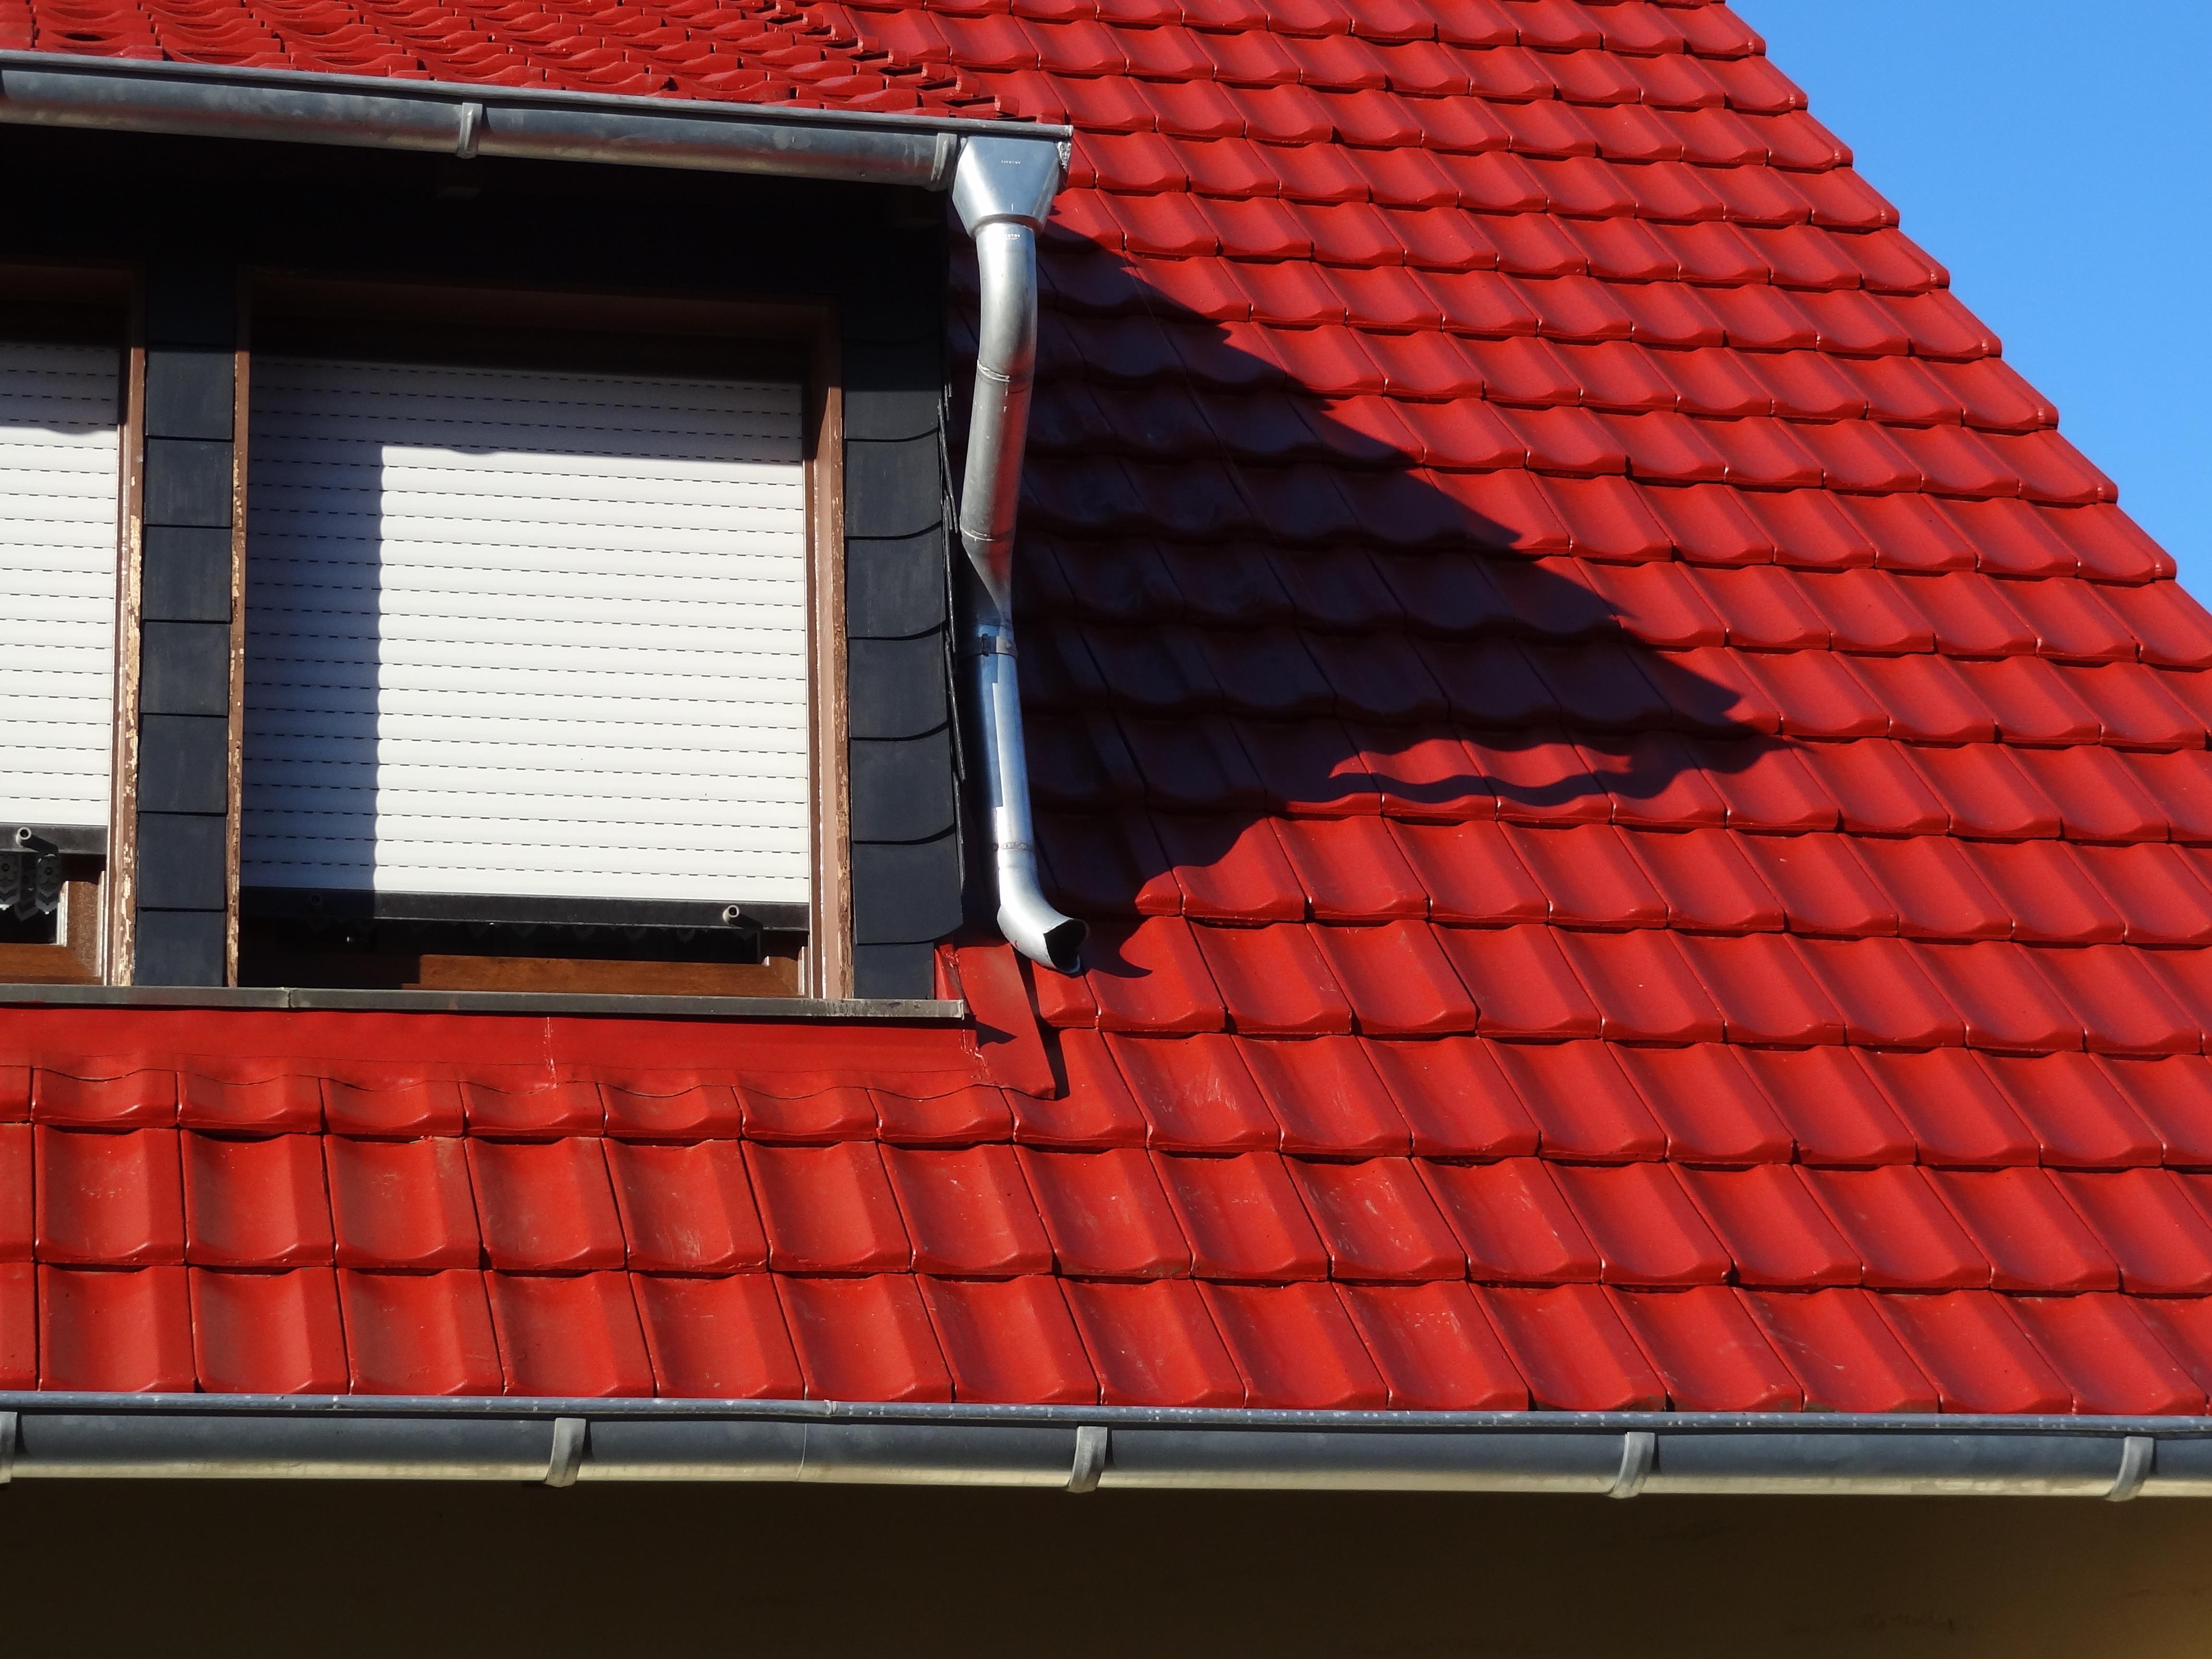 Neufeld Dachbeschichtung - Dachbeschichtung vom Meister - Bestes Material